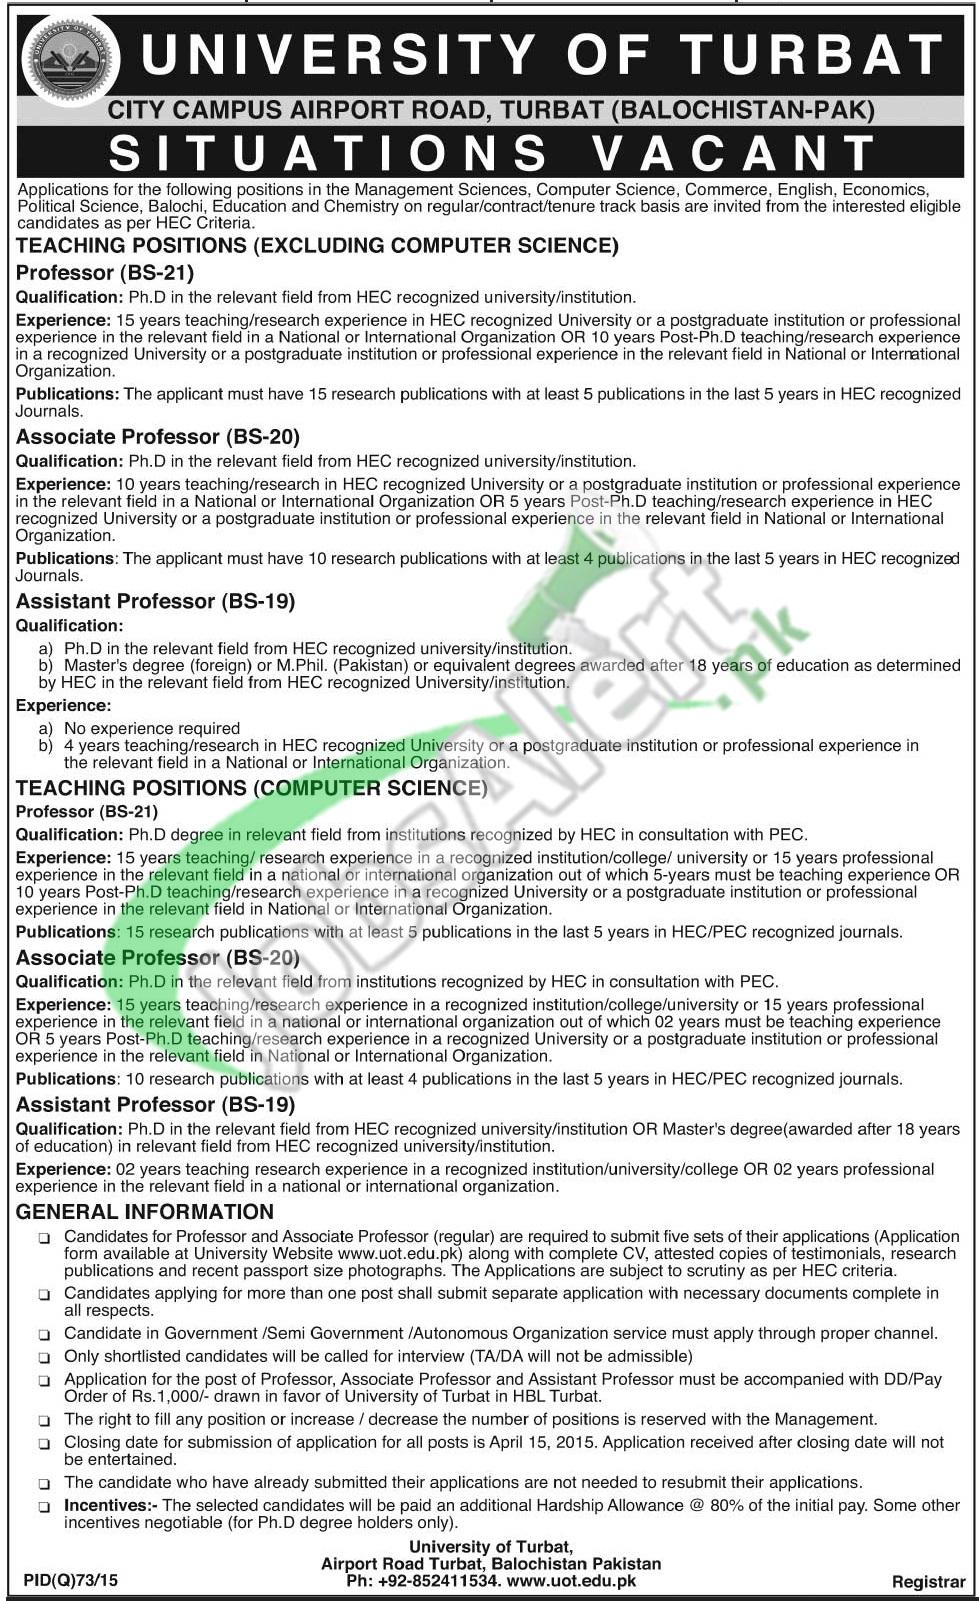 Jobs in University of Turbat